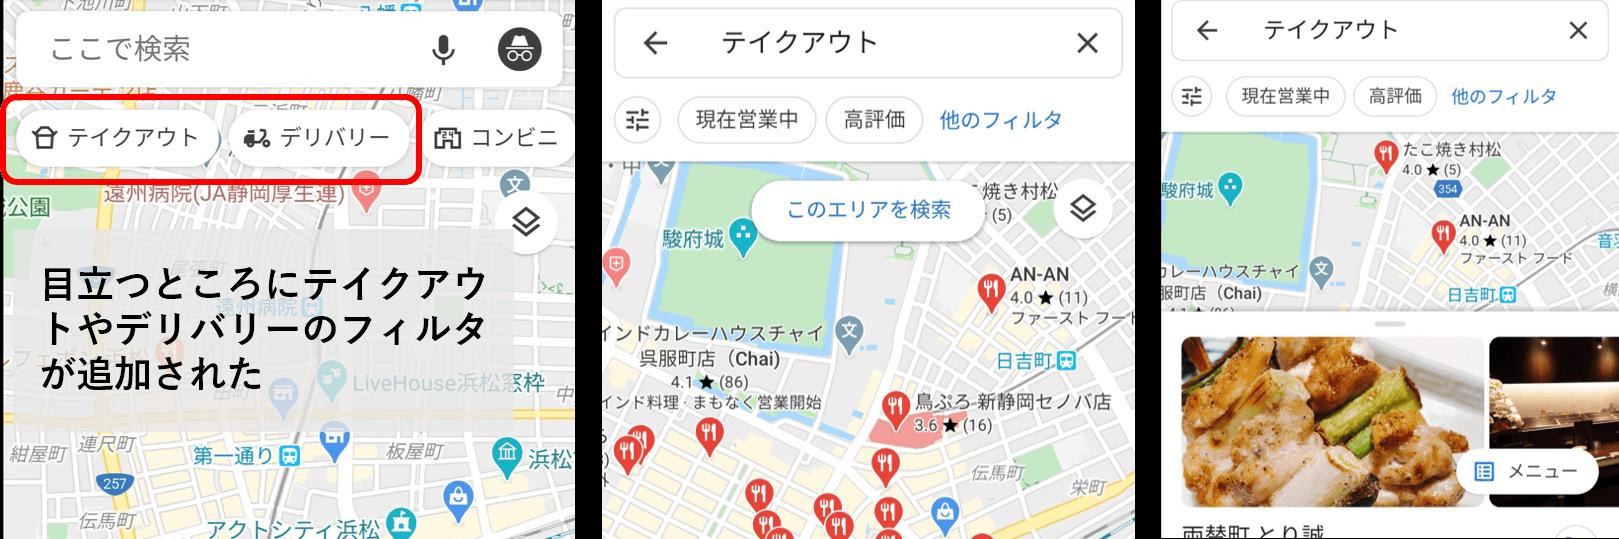 テイクアウトに対応した飲食店を探しやすくなったGoogleマップ